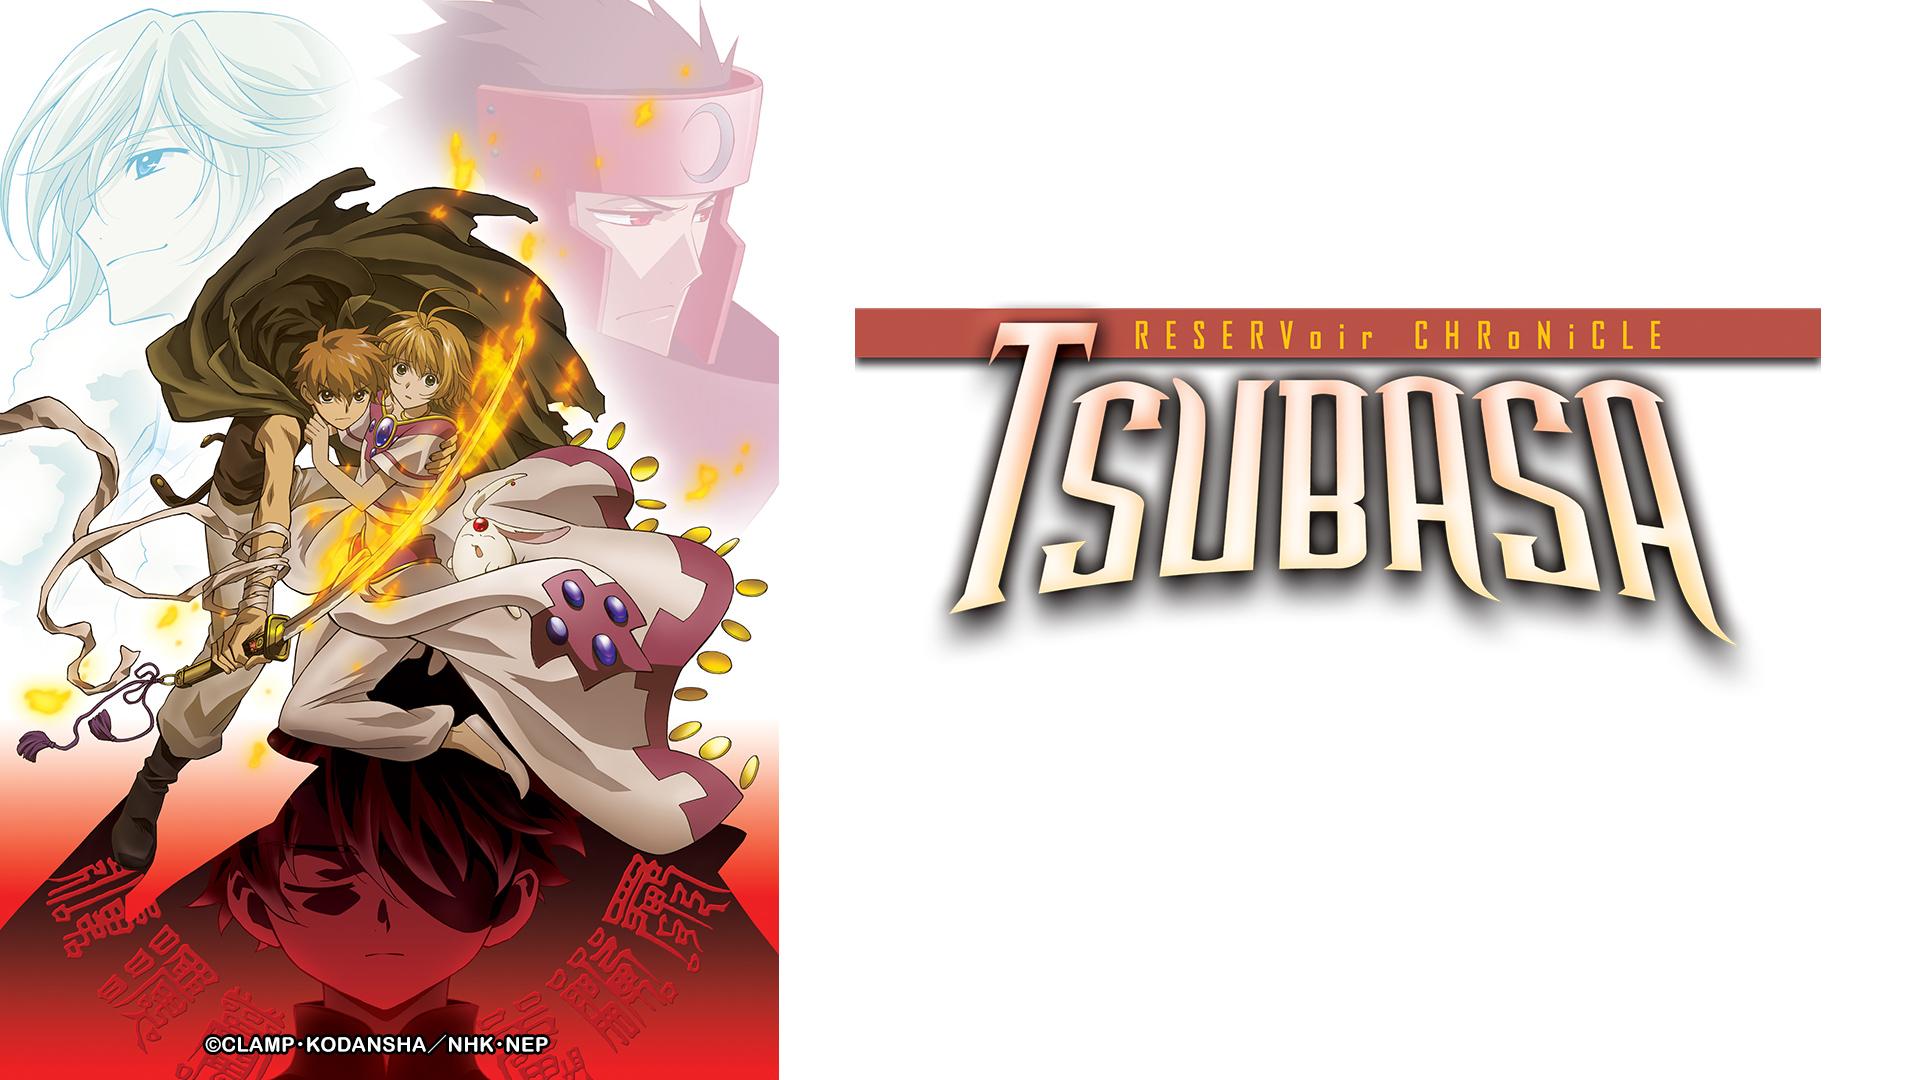 TSUBASA-RESERVOIR CHRONICLE II